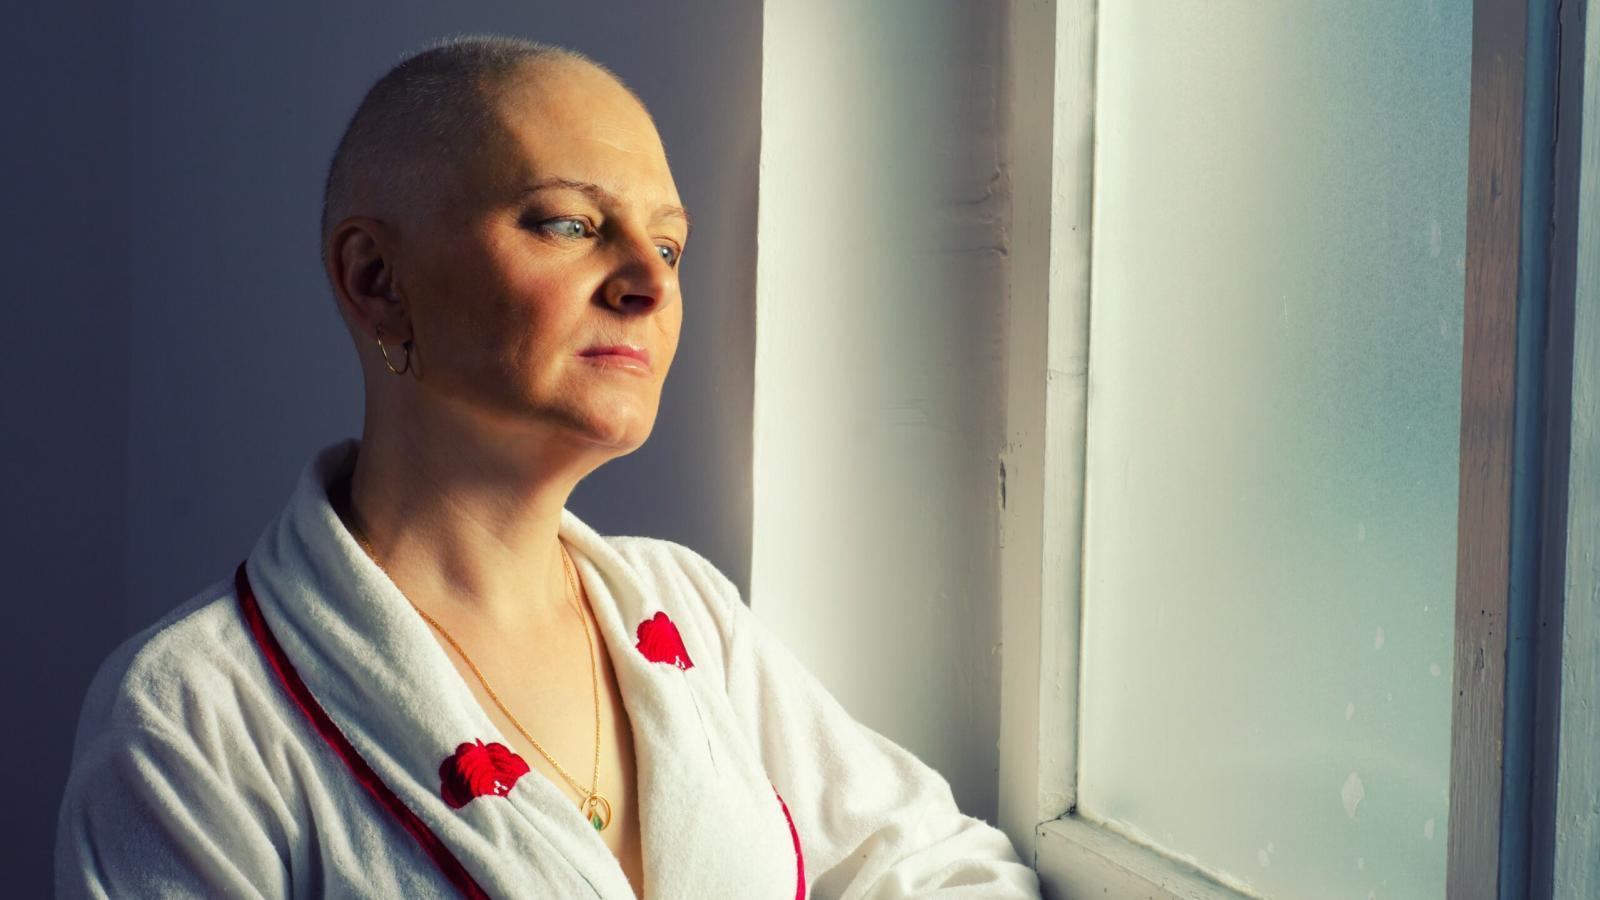 Вологжане переживают из-за новых правил лечения онкологии